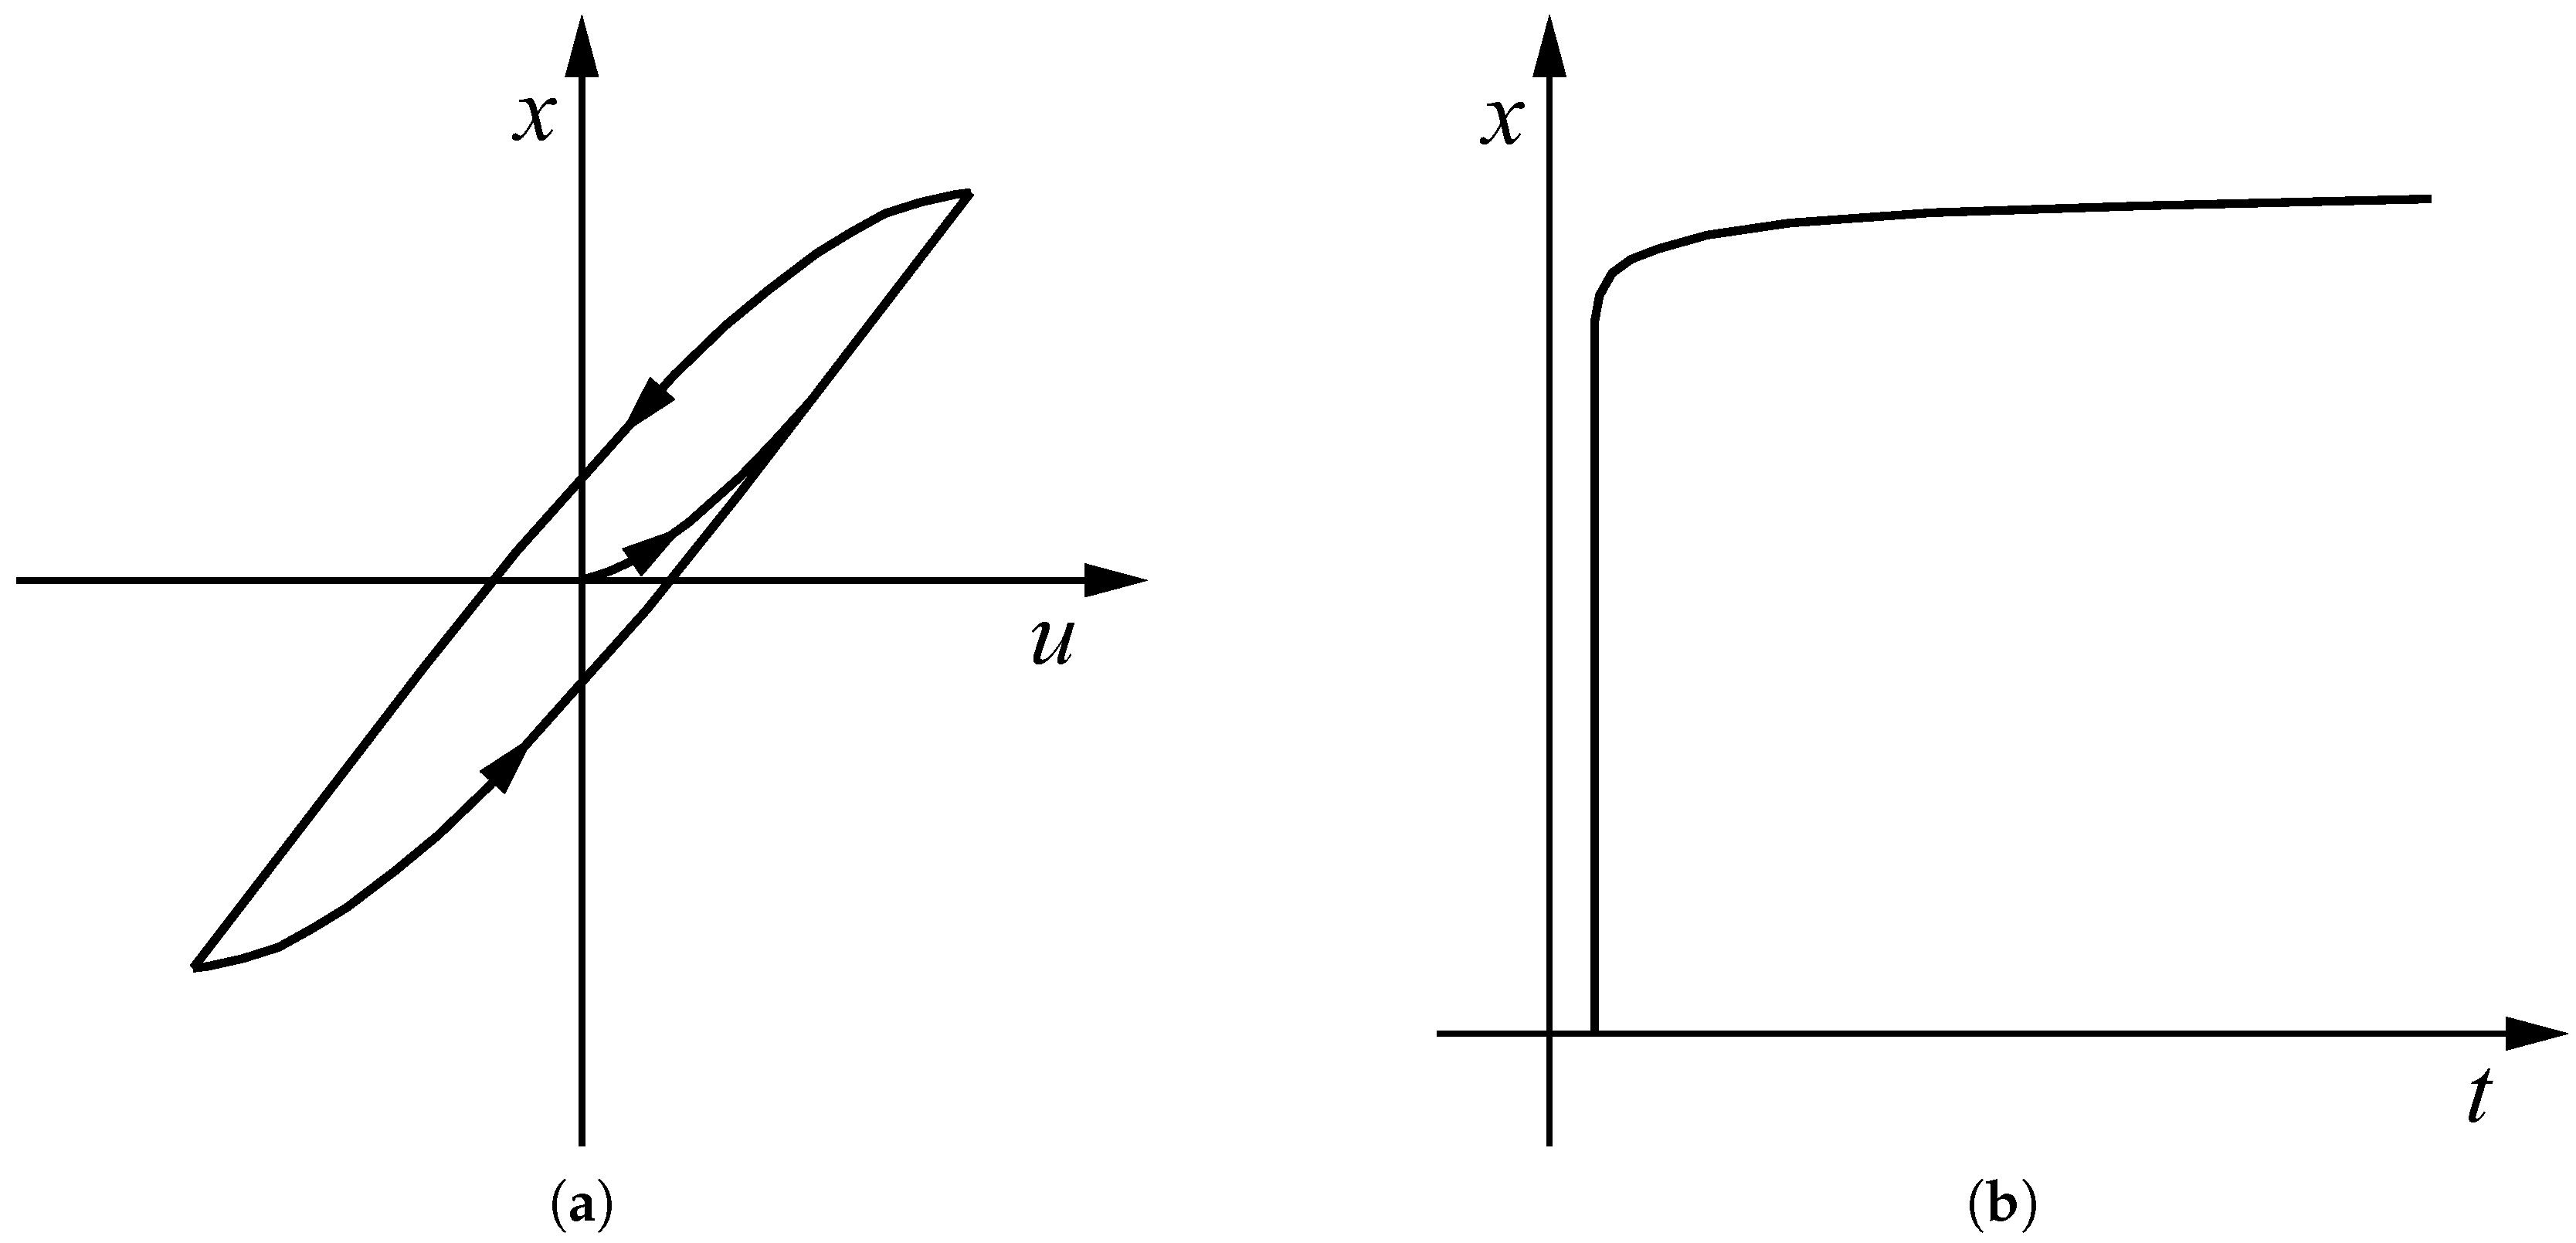 Actuators 06 00007 g006